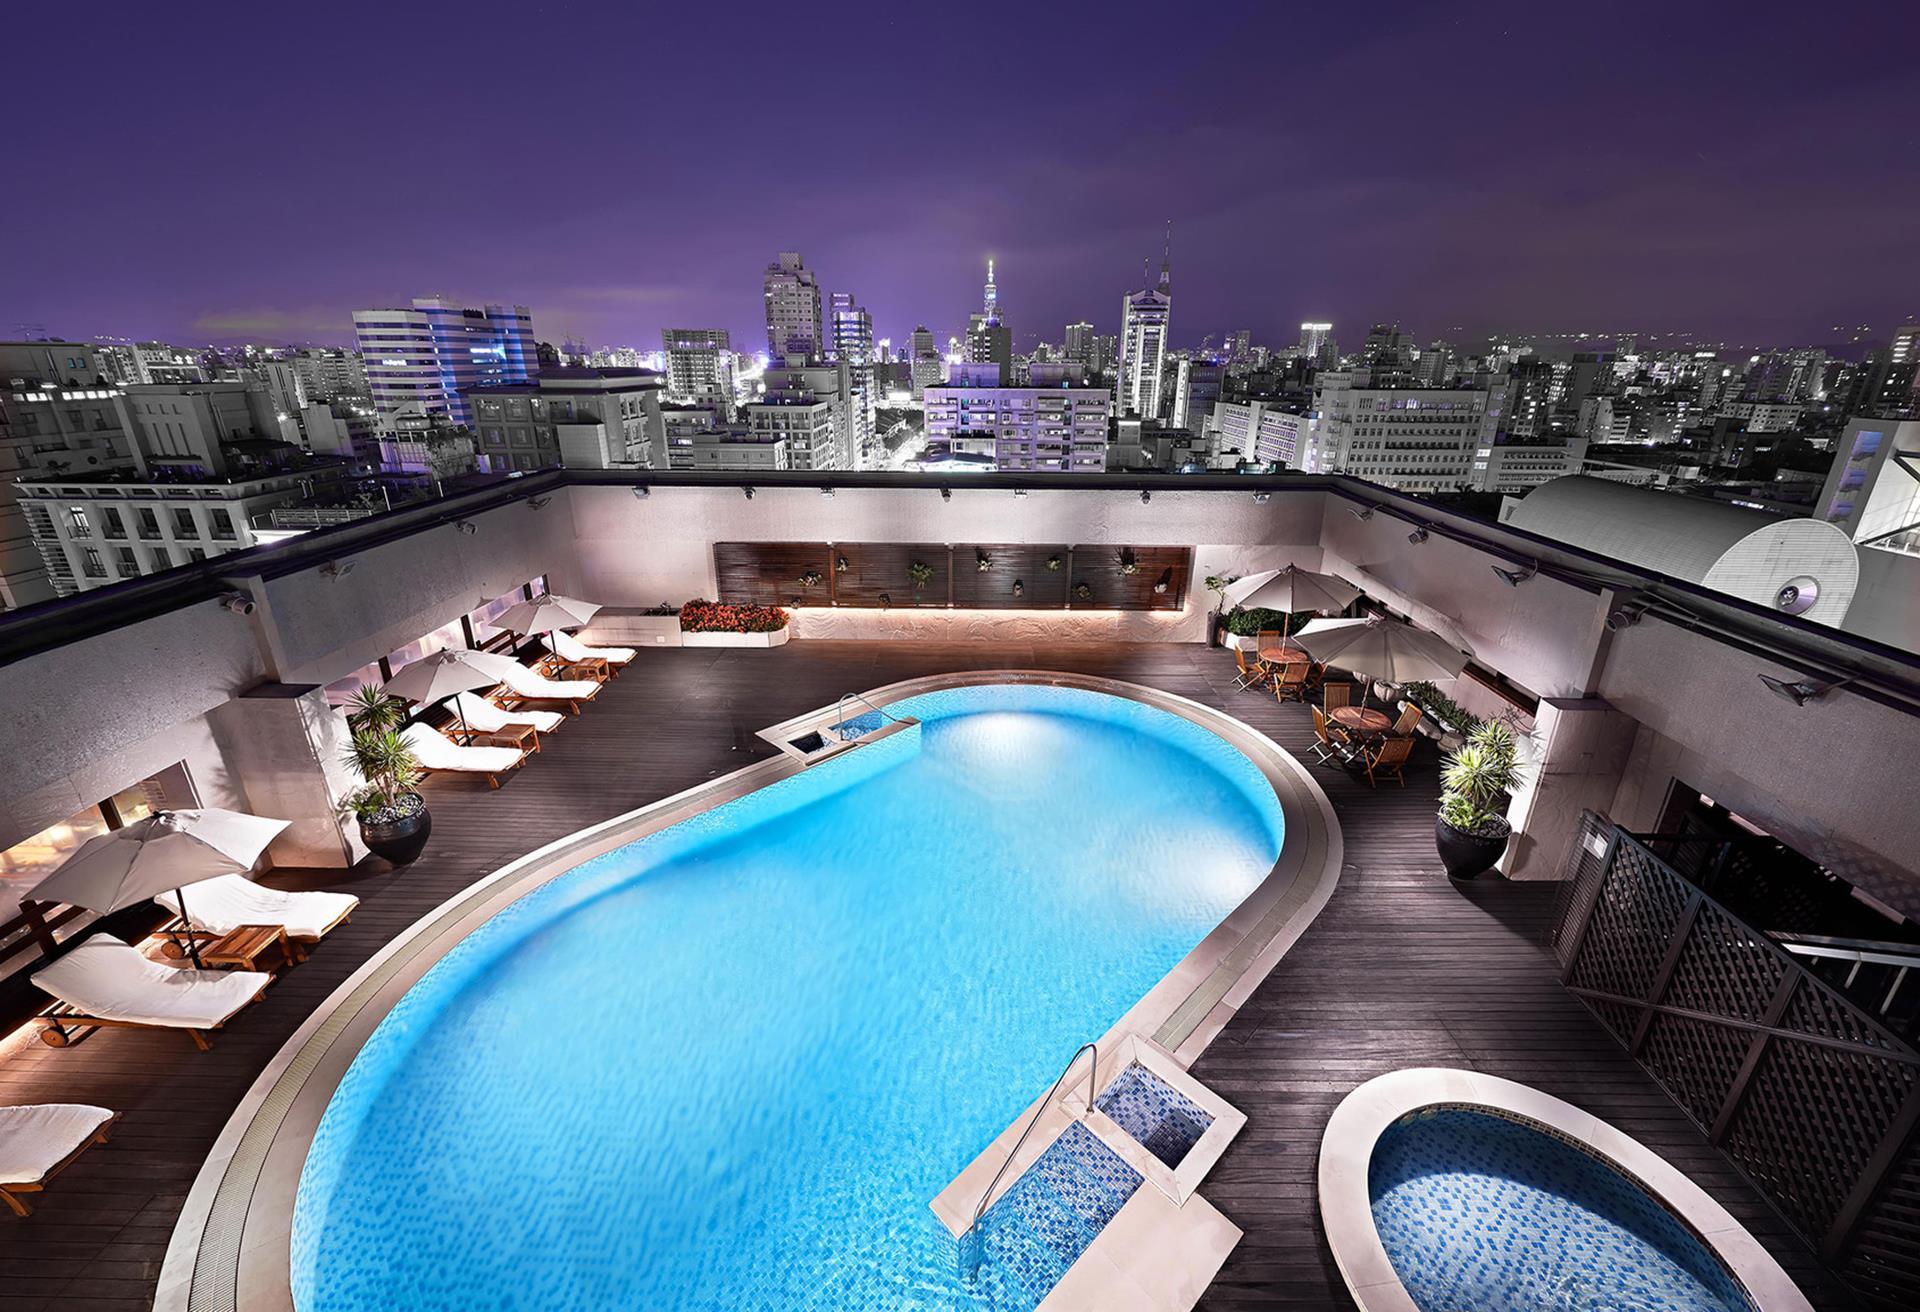 台北親子飯店推薦 - 台北喜來登大飯店有大人能短暫放空的喜來登會館露天泳池